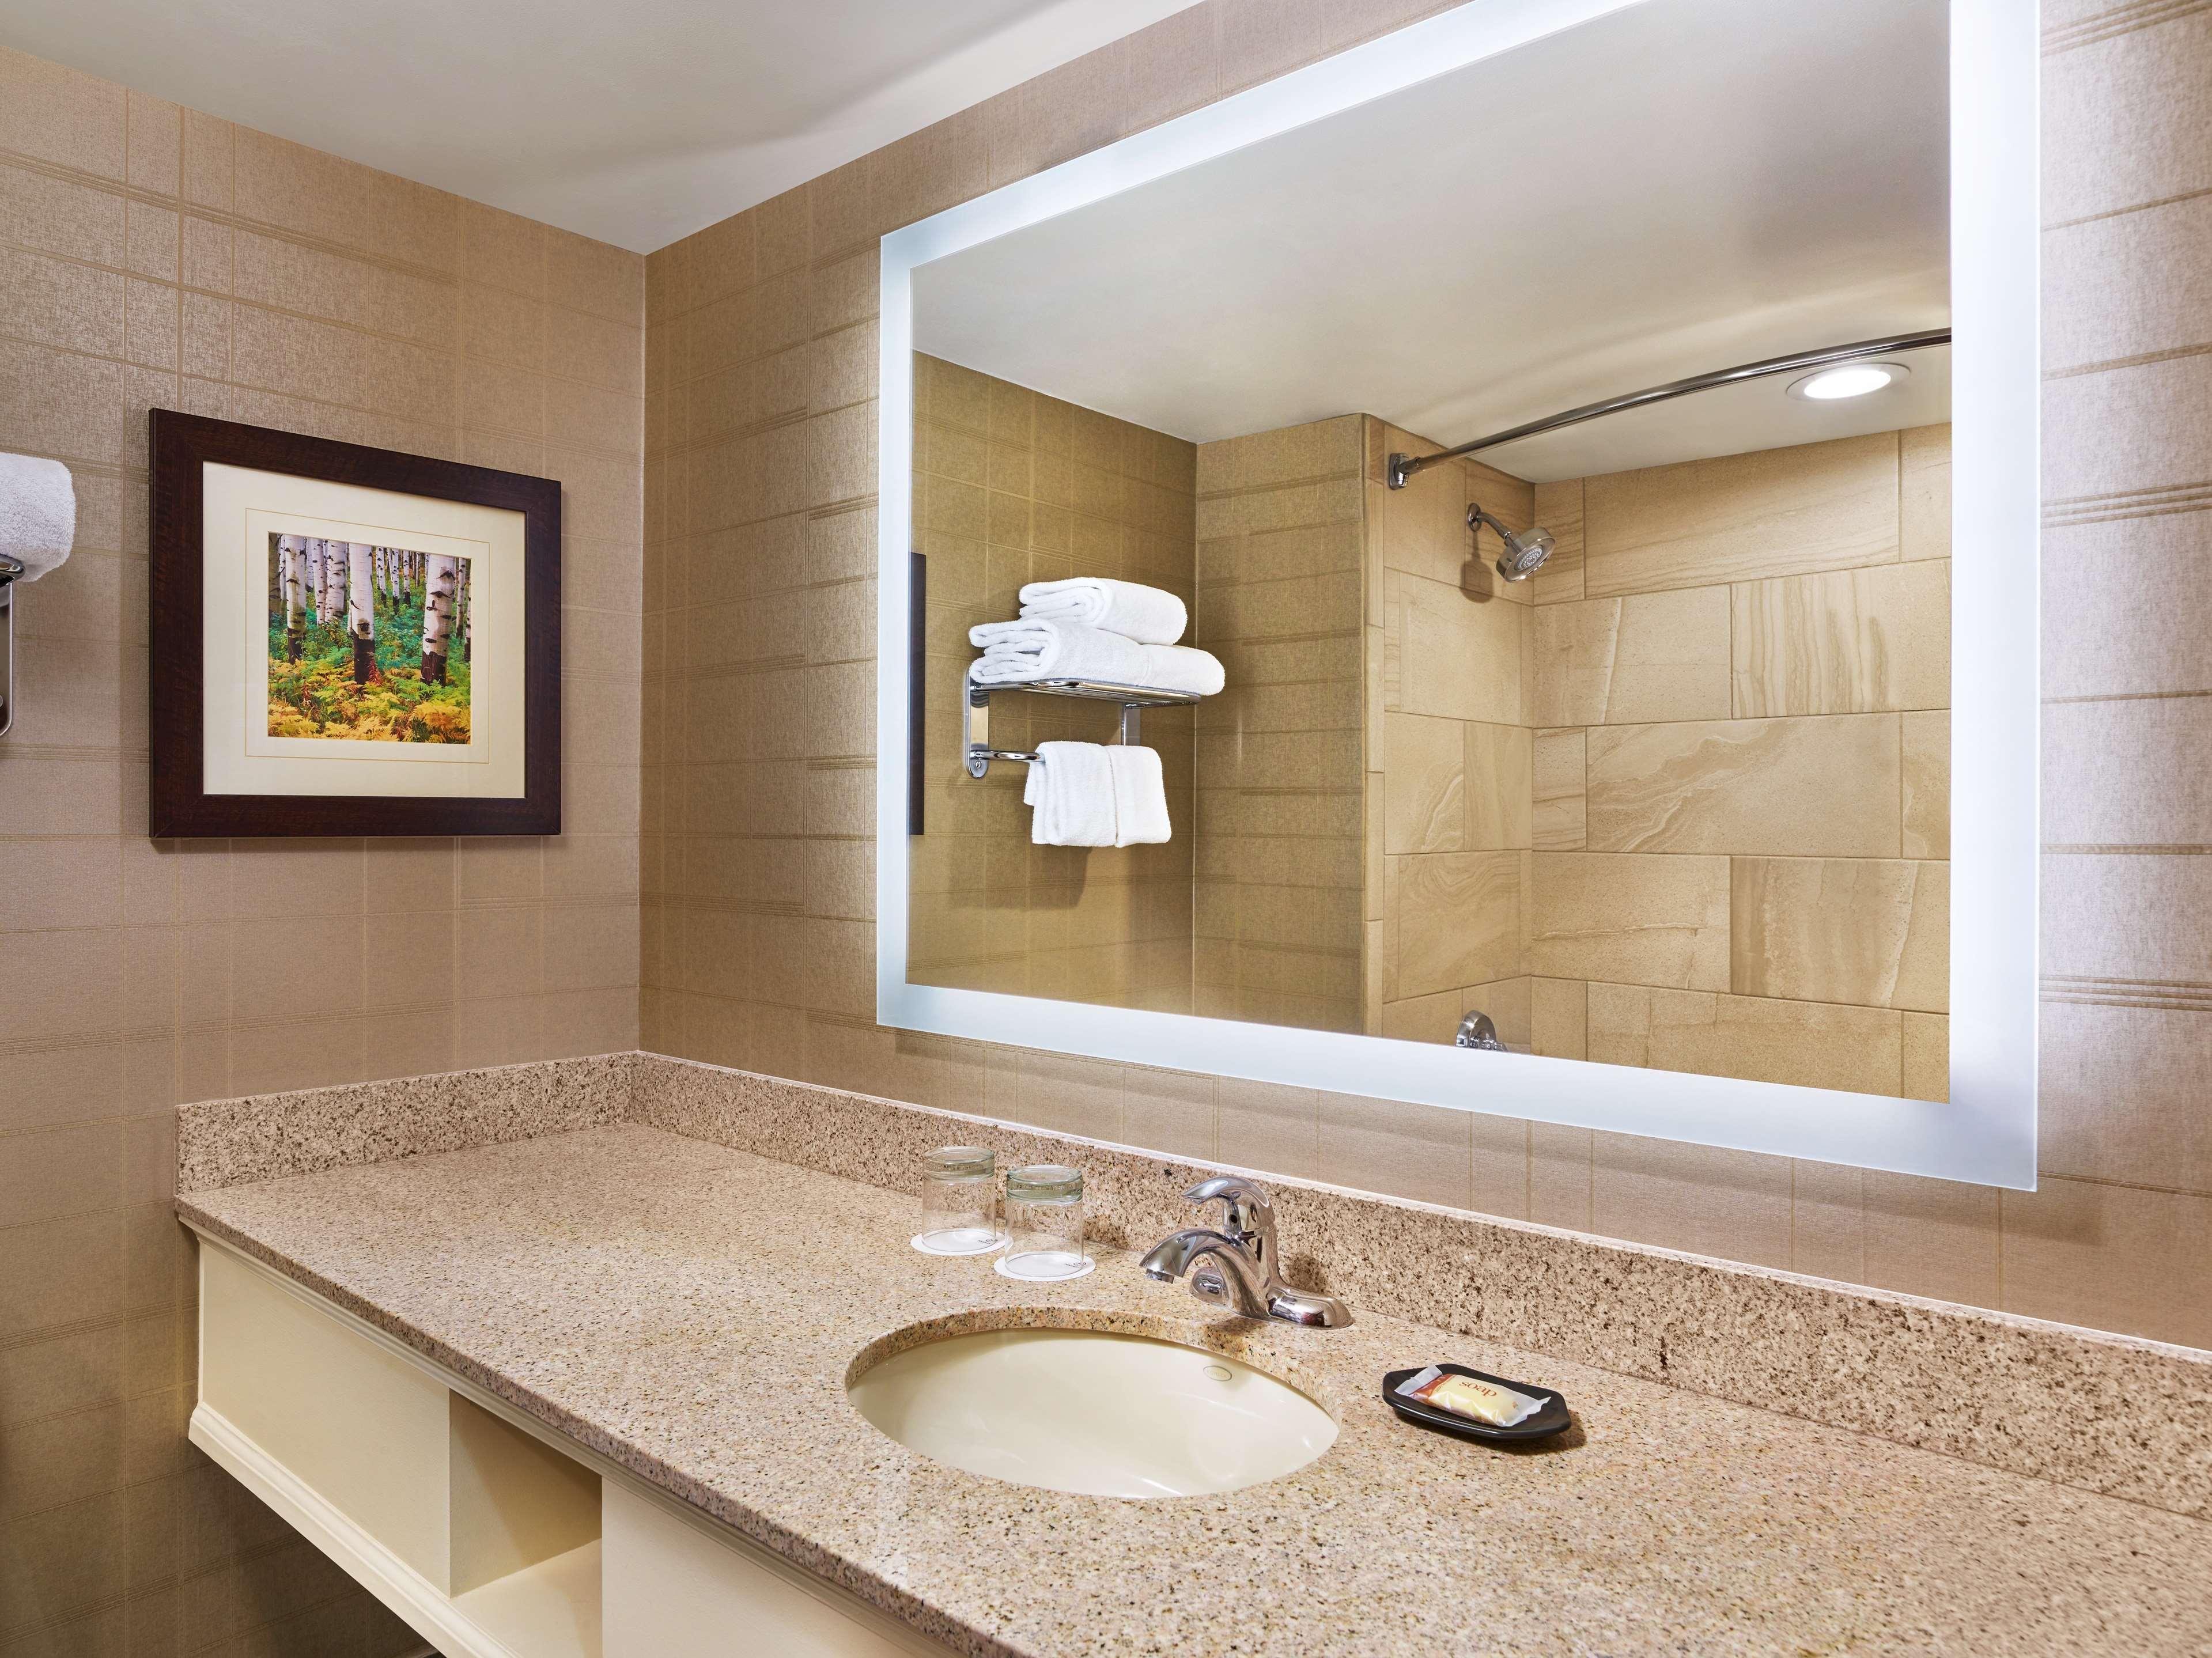 Sheraton Denver West Hotel image 19